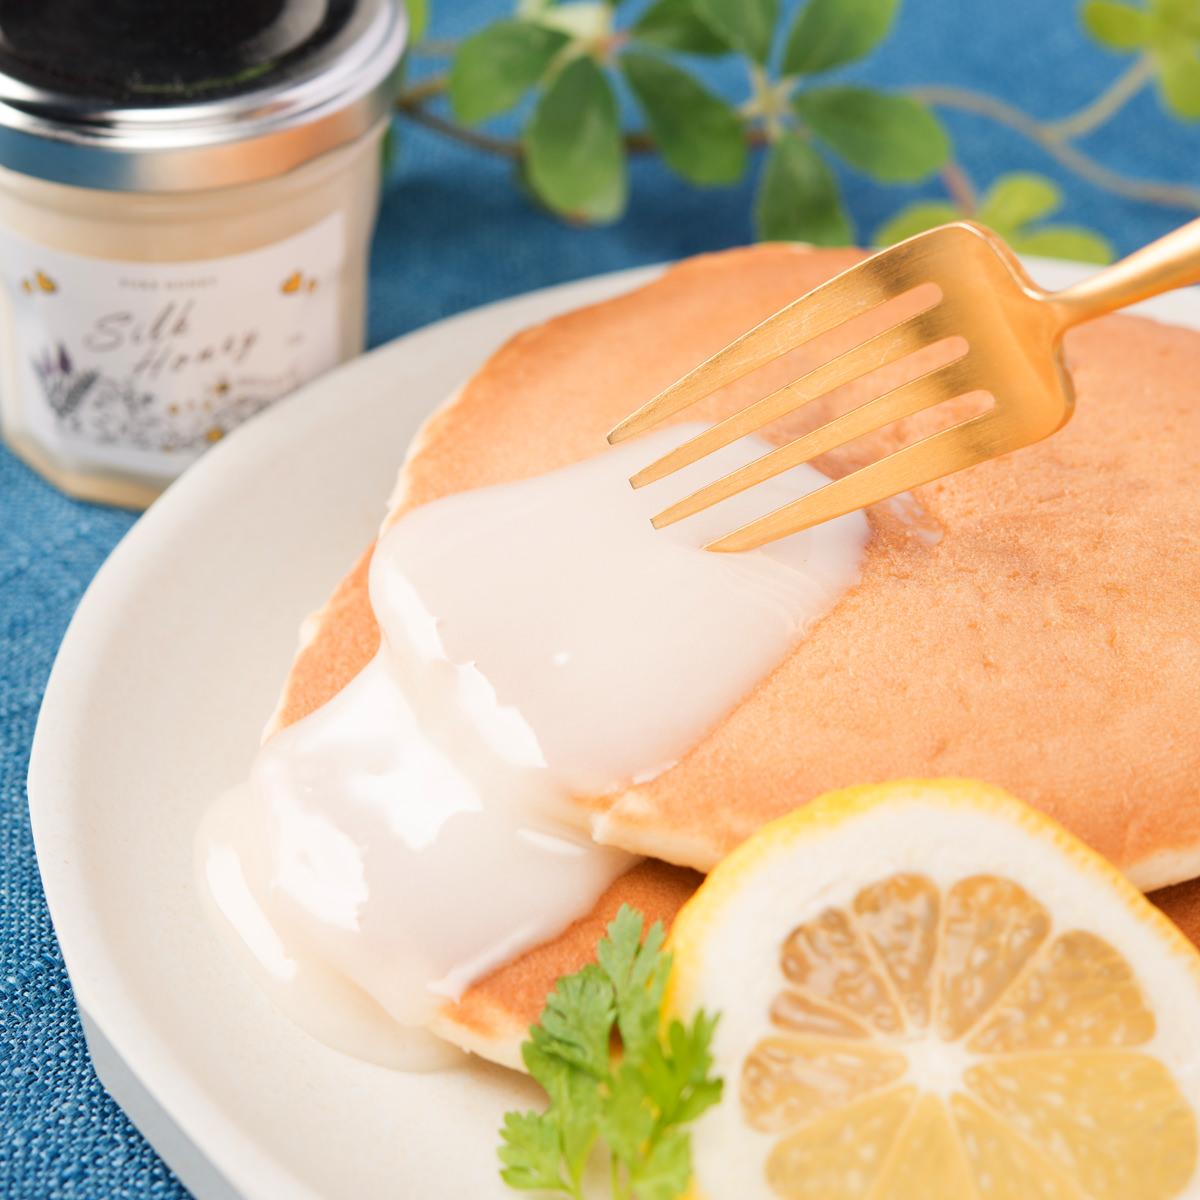 Asli キルギスの白いはちみつ Silk Honey 3個セット〔75g×3〕